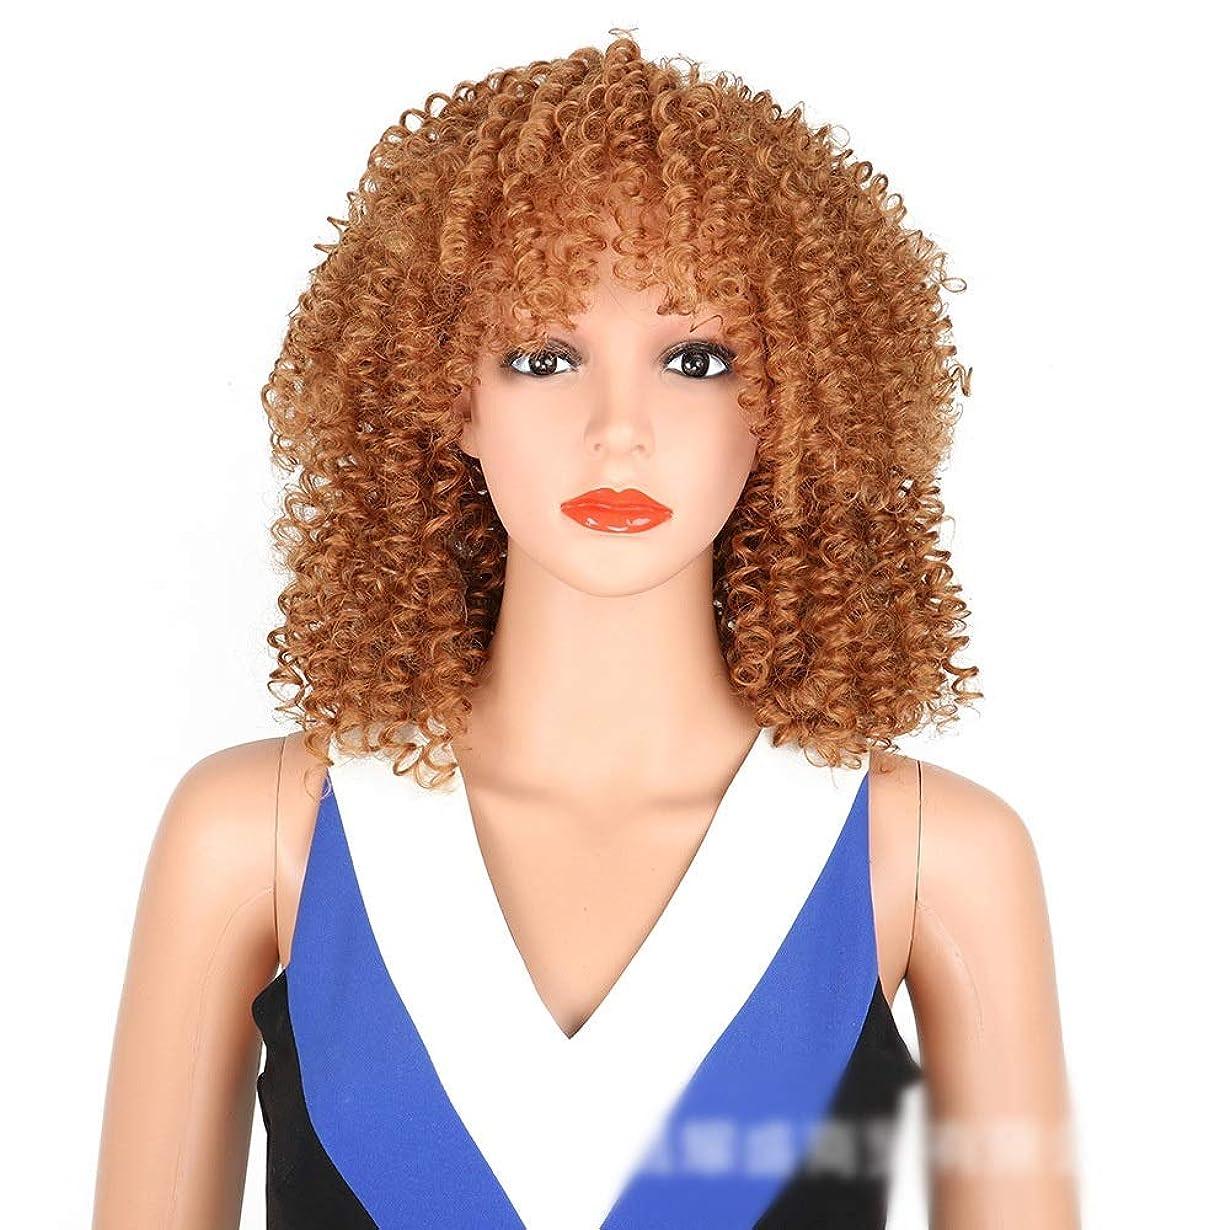 赤ちゃん告白求めるBOBIDYEE アフリカの黒人女性の前髪爆発ヘッドの小さな巻き毛のかつらコスプレパーティードレスパーティーかつら (Color : ブラウン)